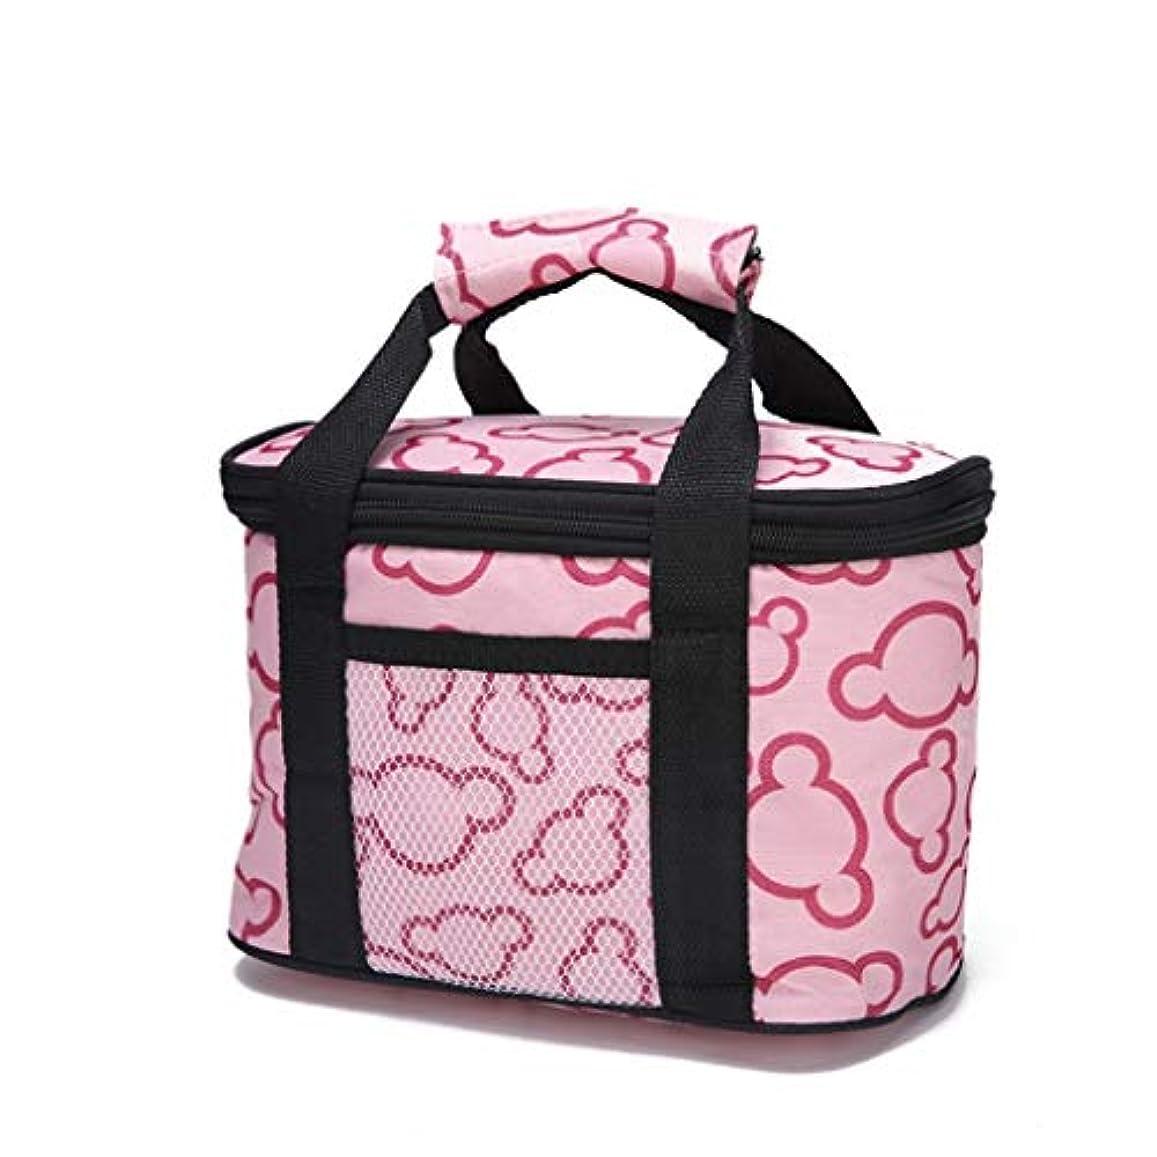 仕様ハウジング賃金冷却パッケージお食事バッグインキュベーター冷蔵屋外アイスパックを送るための断熱パッケージランチバッグ (Color : Pink, Size : S)